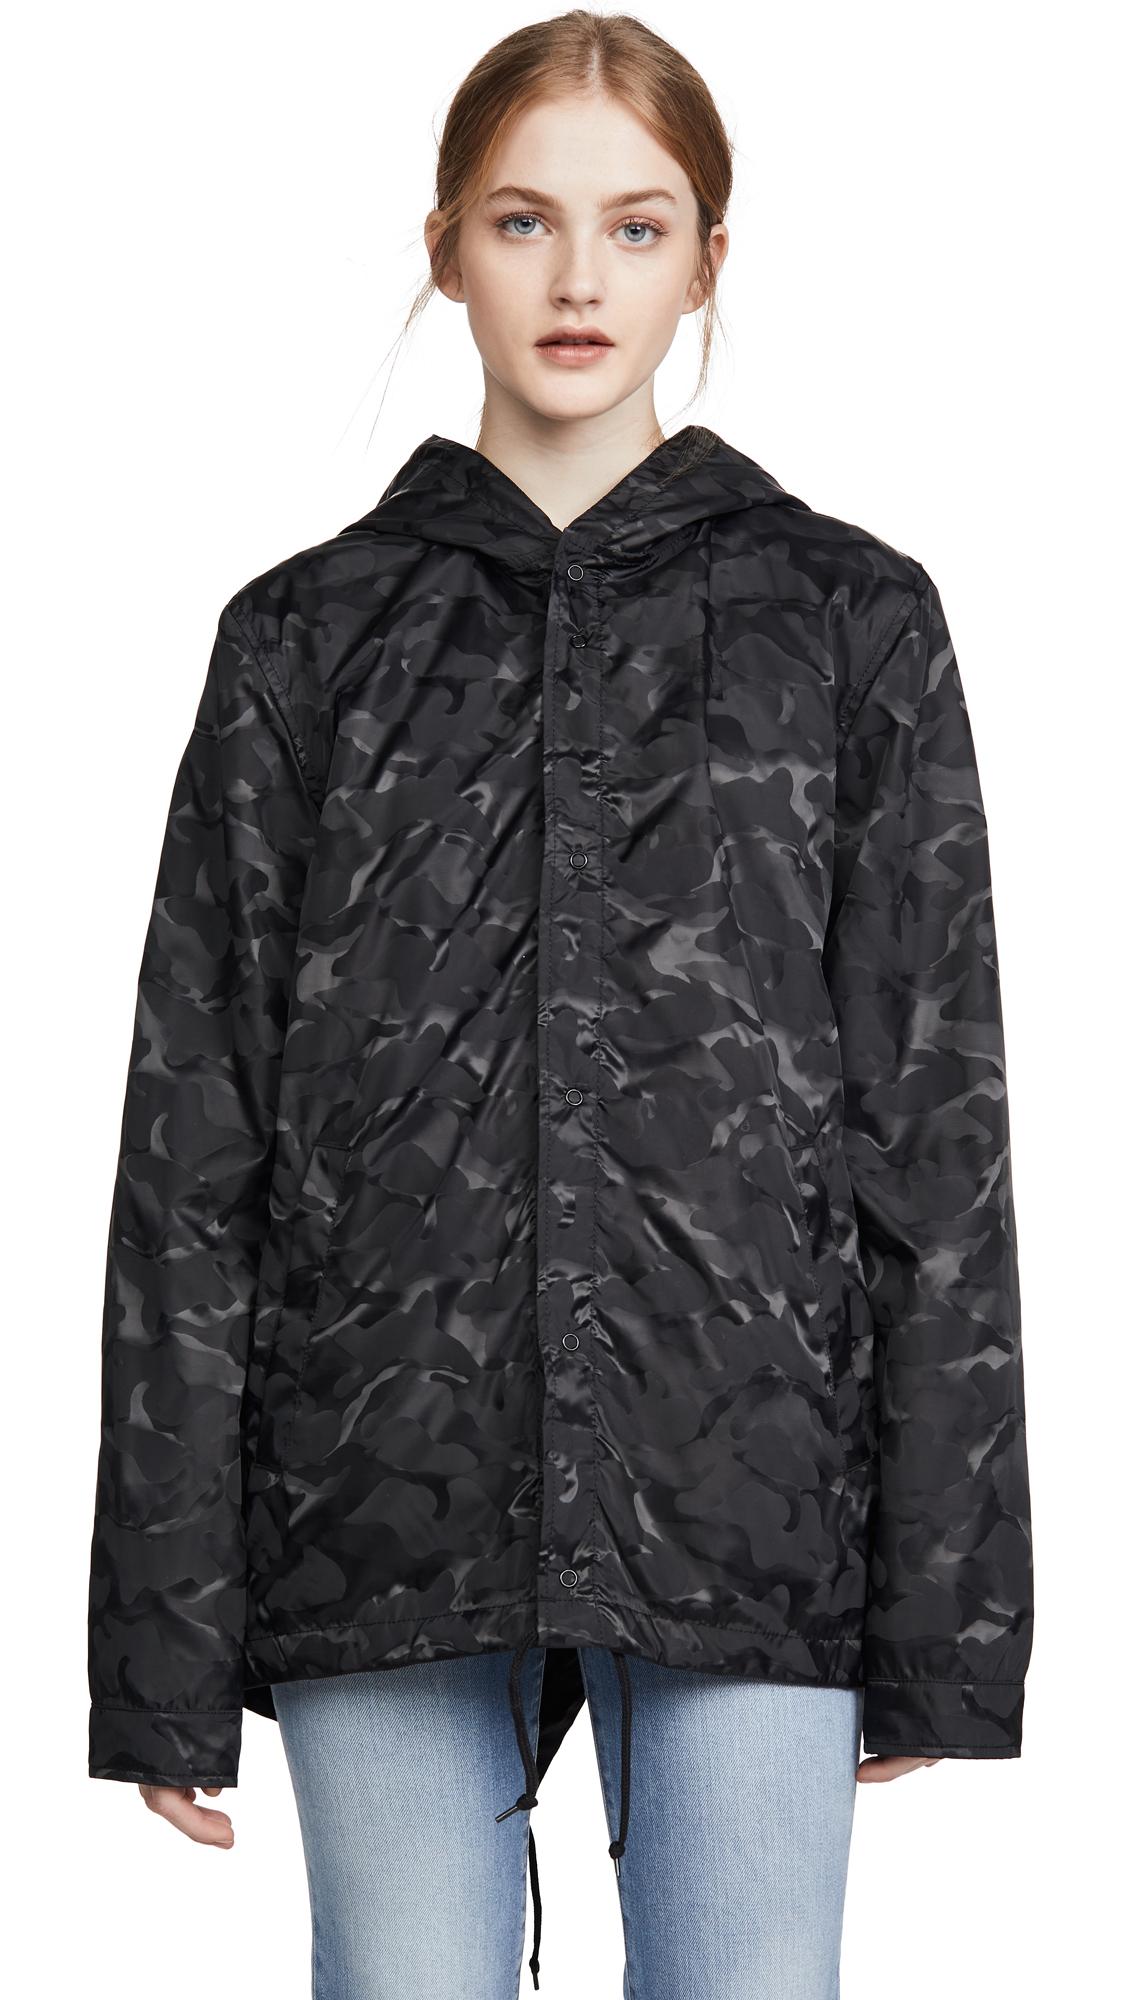 Buy Alpha Industries Camo Fishtail Jacket online beautiful Alpha Industries Jackets, Coats, Trench Coats